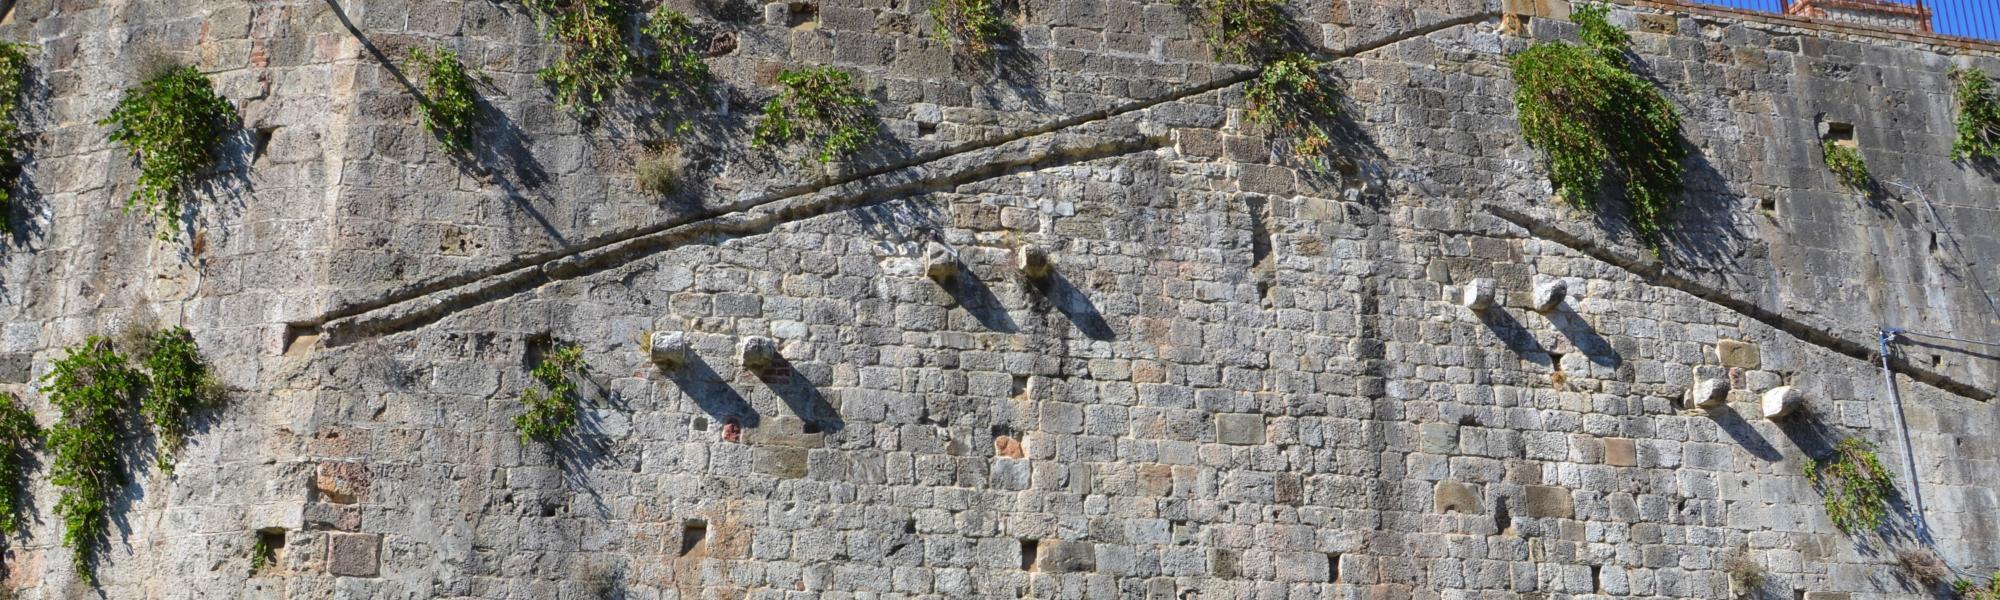 Fiori e piante  sulle mura (L. Corevi, Comune di Pisa)